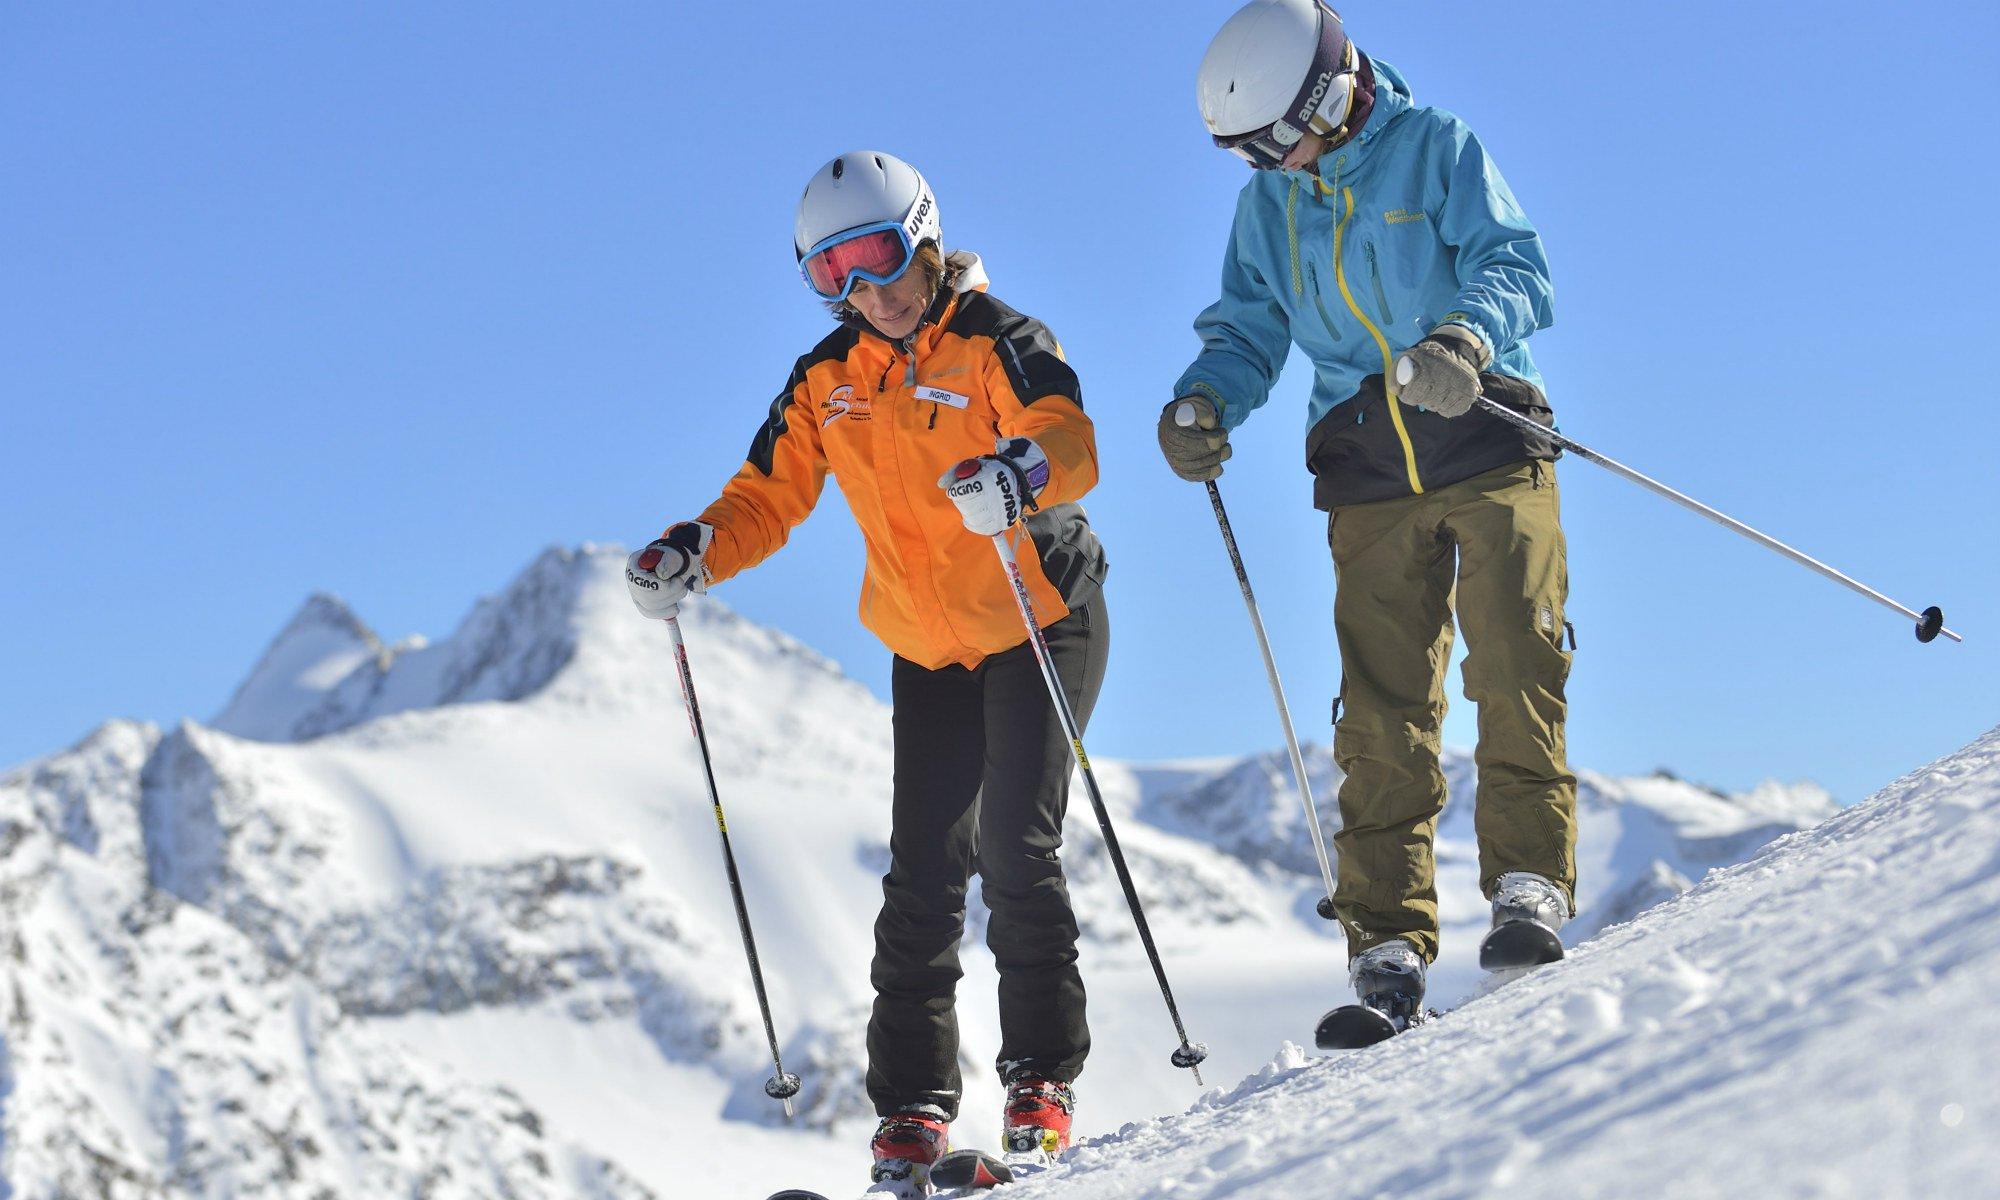 Con la nostra lista di controllo non è un problema fissare gli sci.